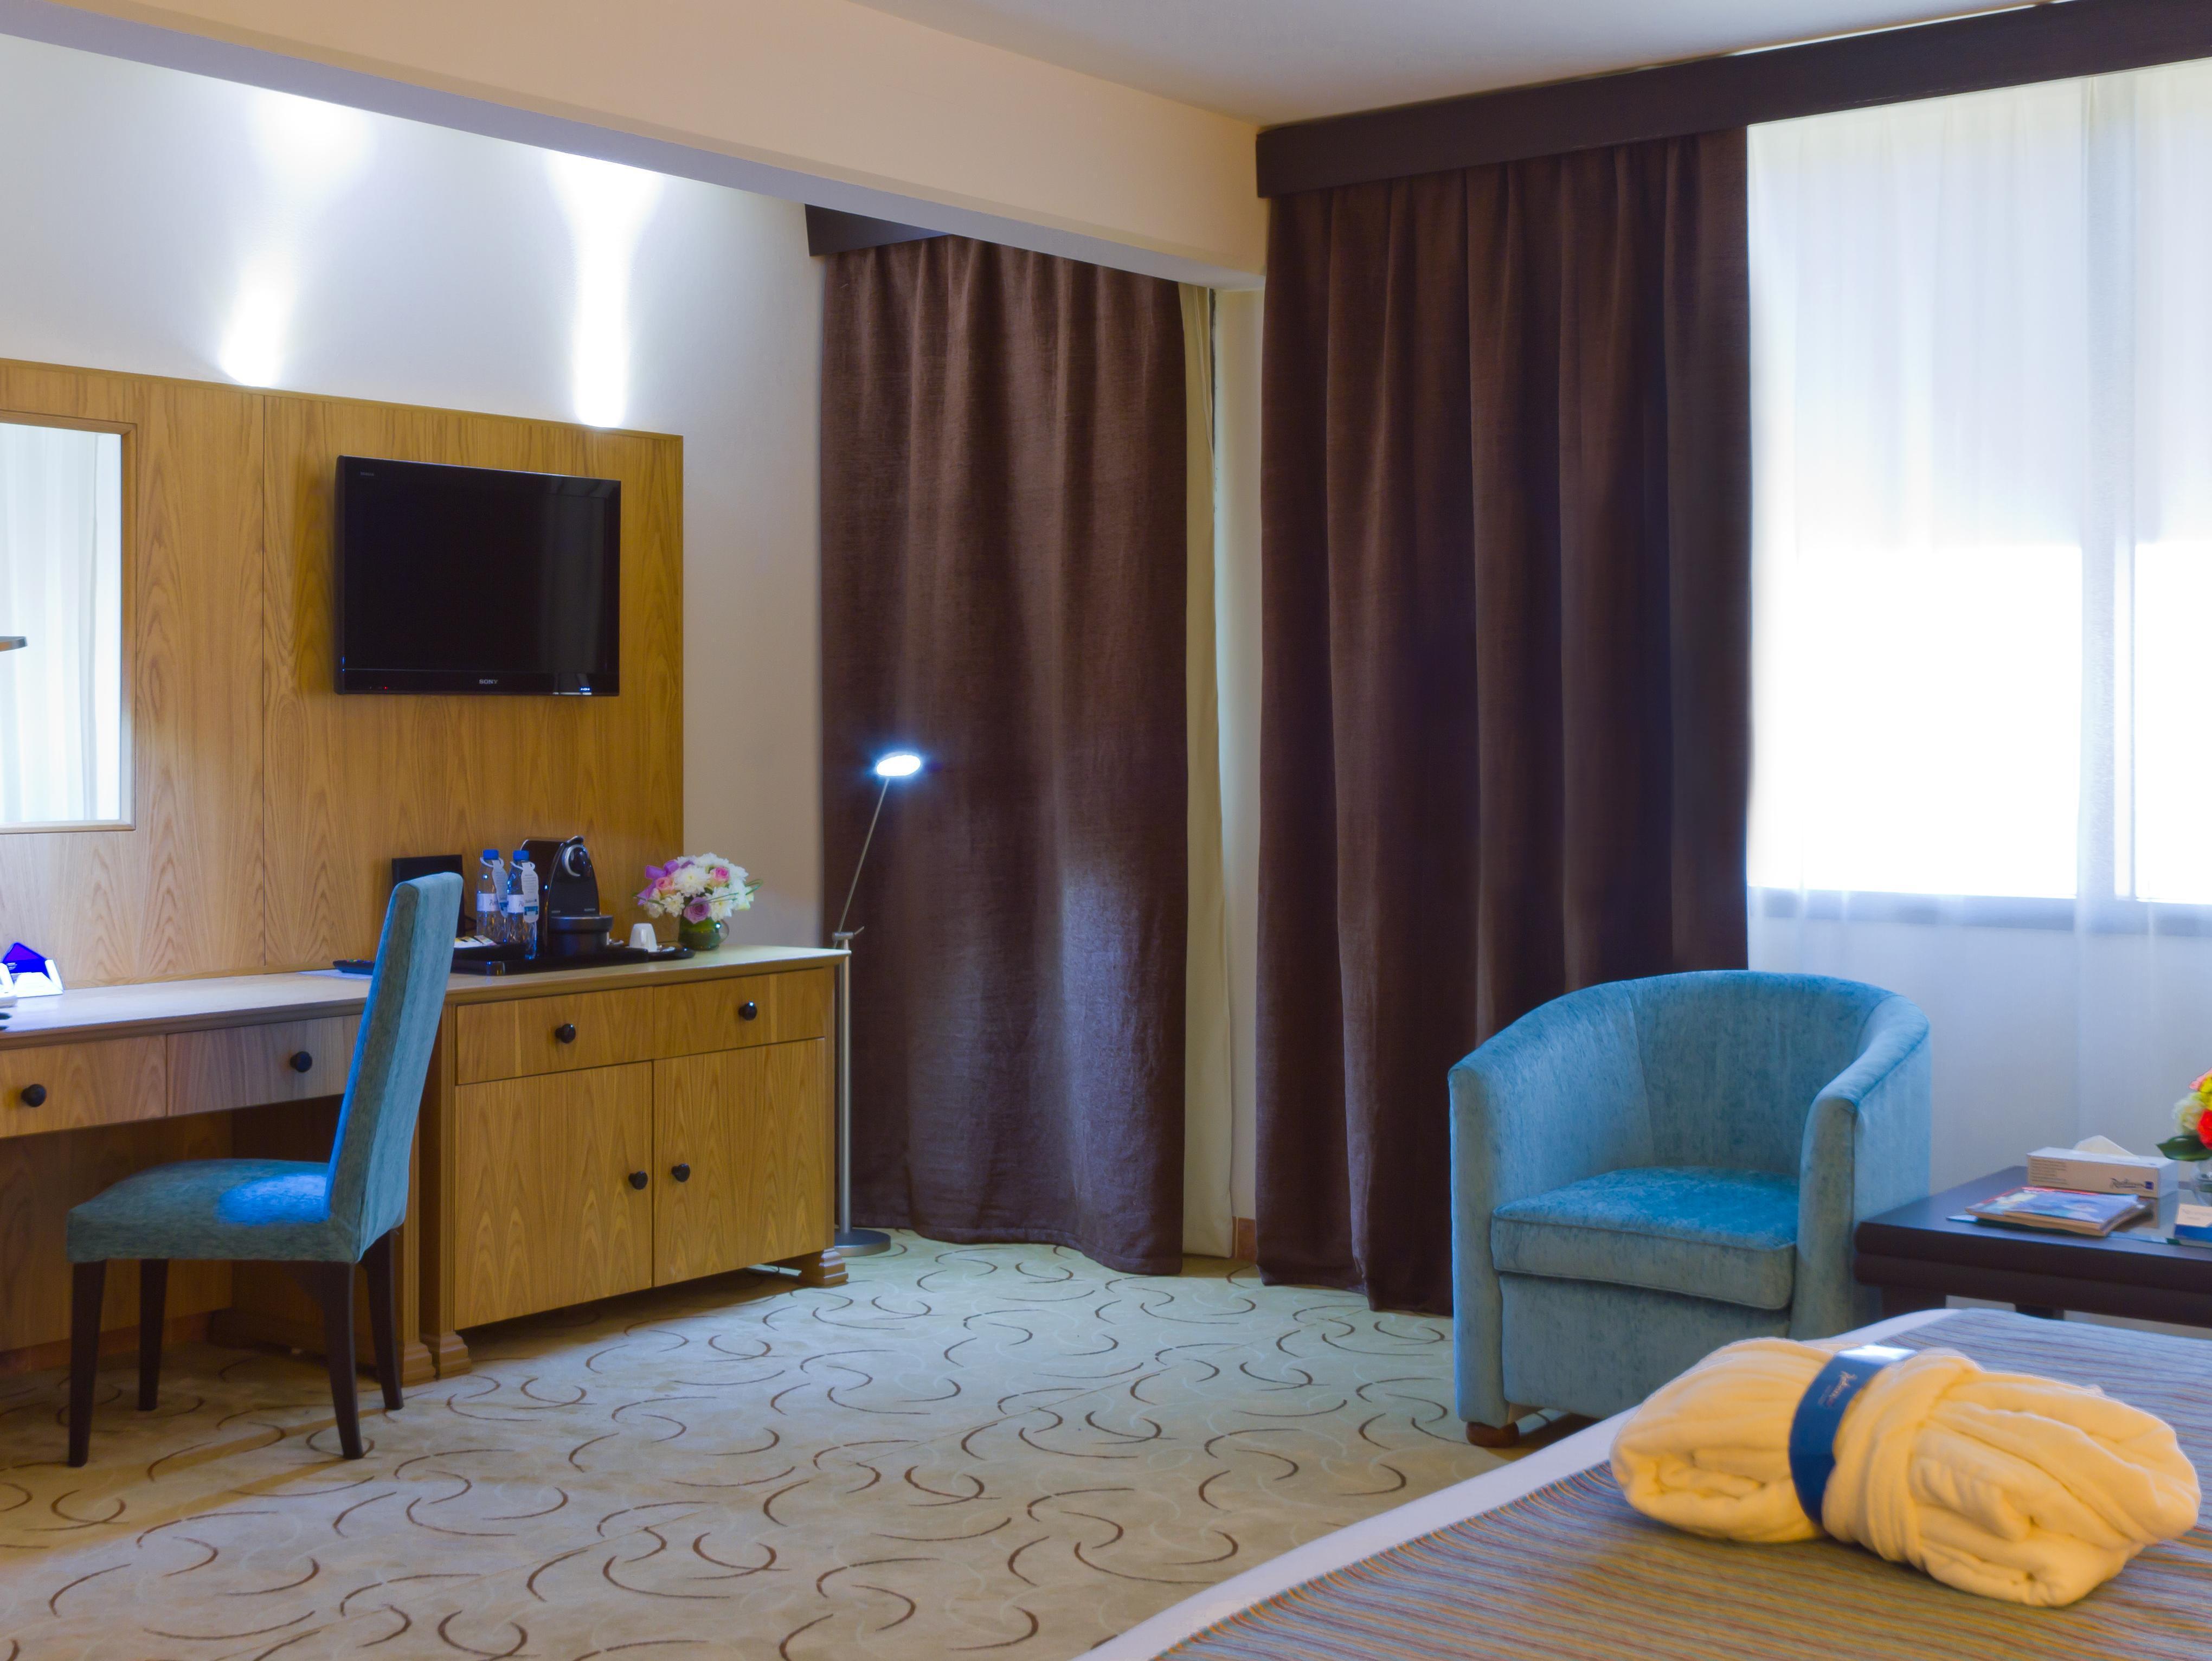 هتل رادیسون بلو رسورت شارجه